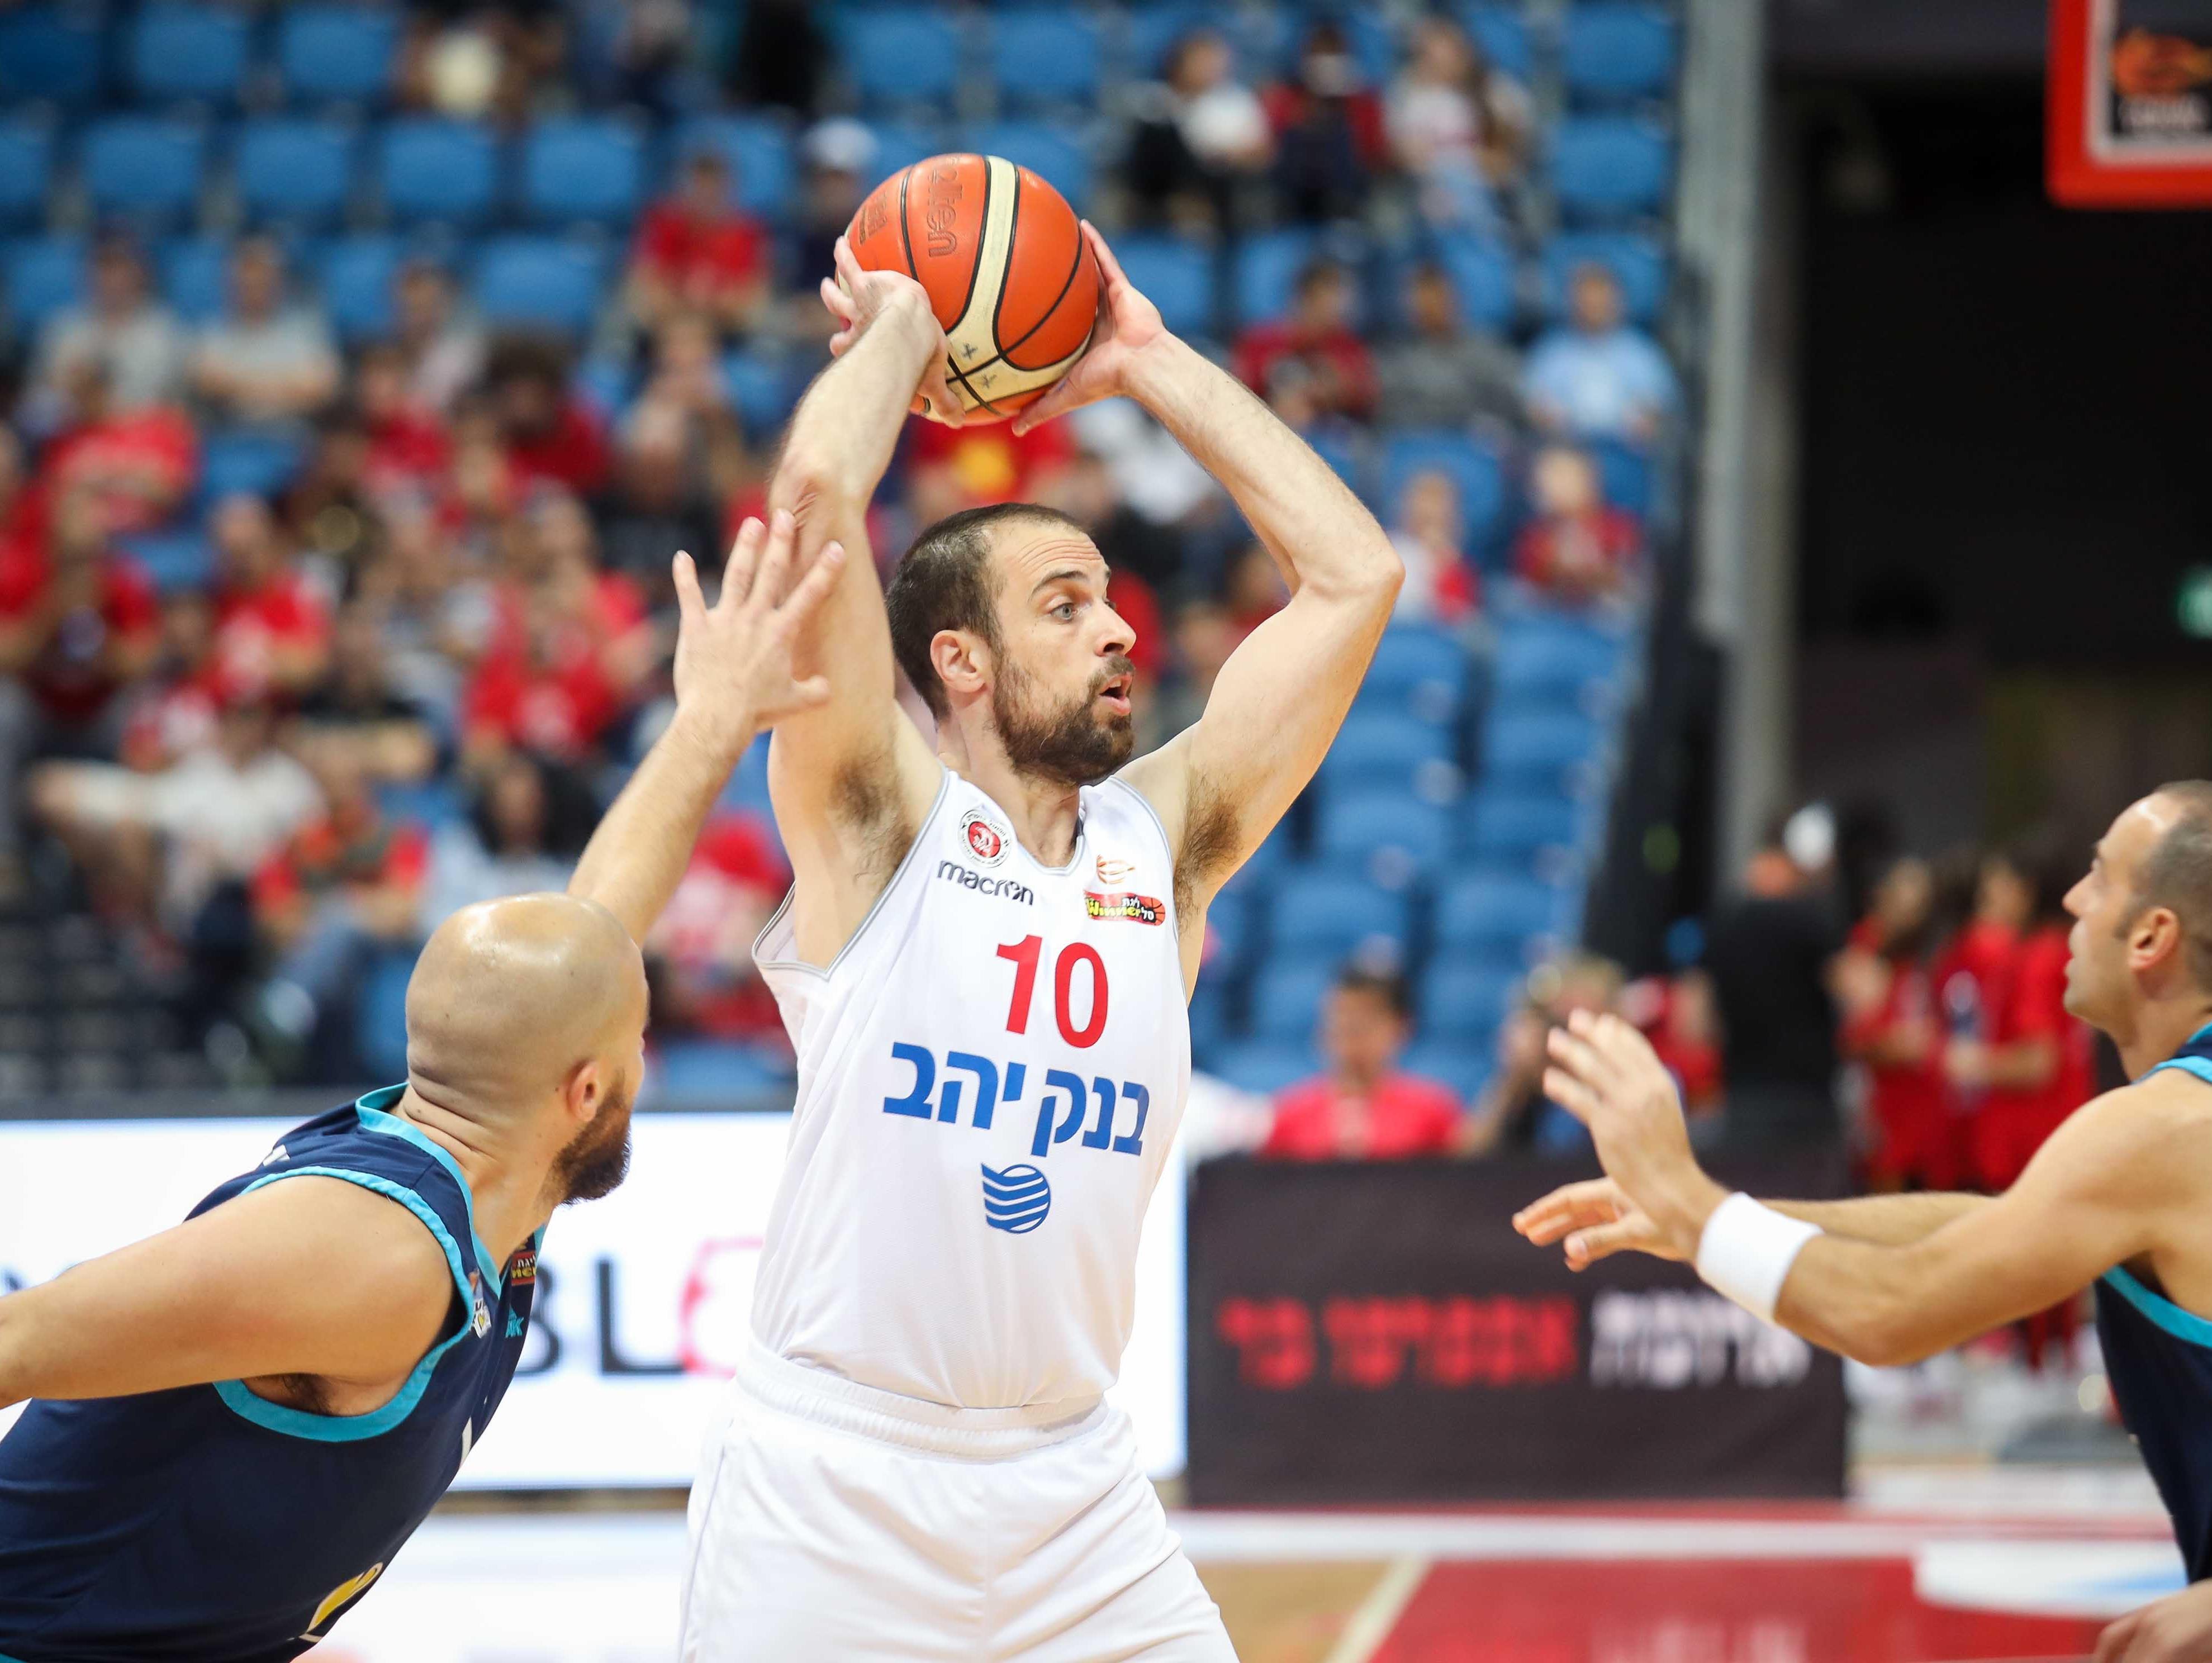 בהפועל ירושלים מאמינים: יותם הלפרין יסכם בשבוע הבא על מינויו למנהל המקצועי